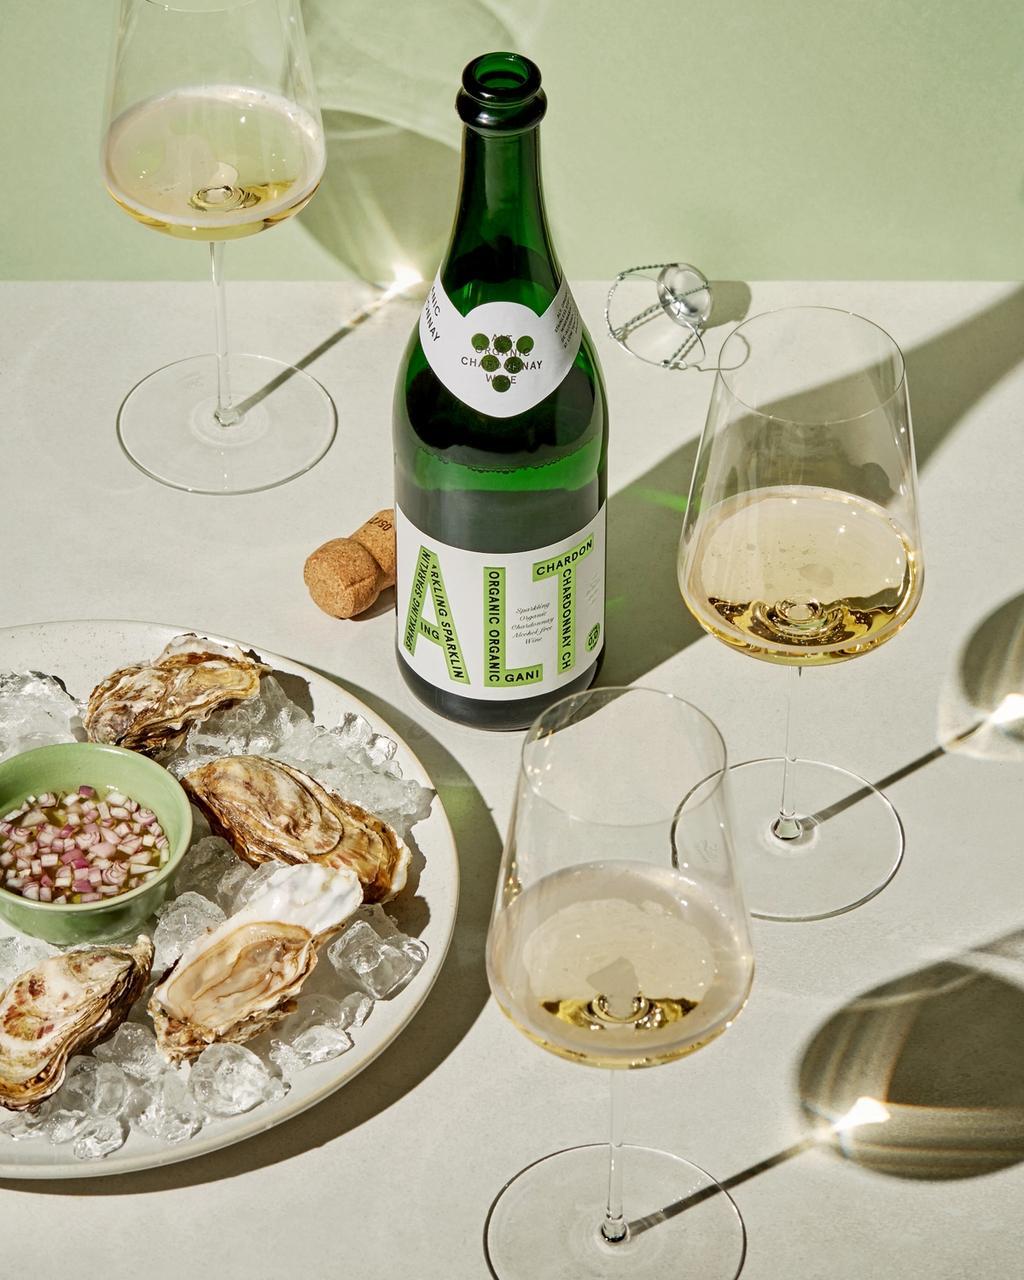 Prøv ALT. Sparkling Organic Chardonnay for eksempel til østers!